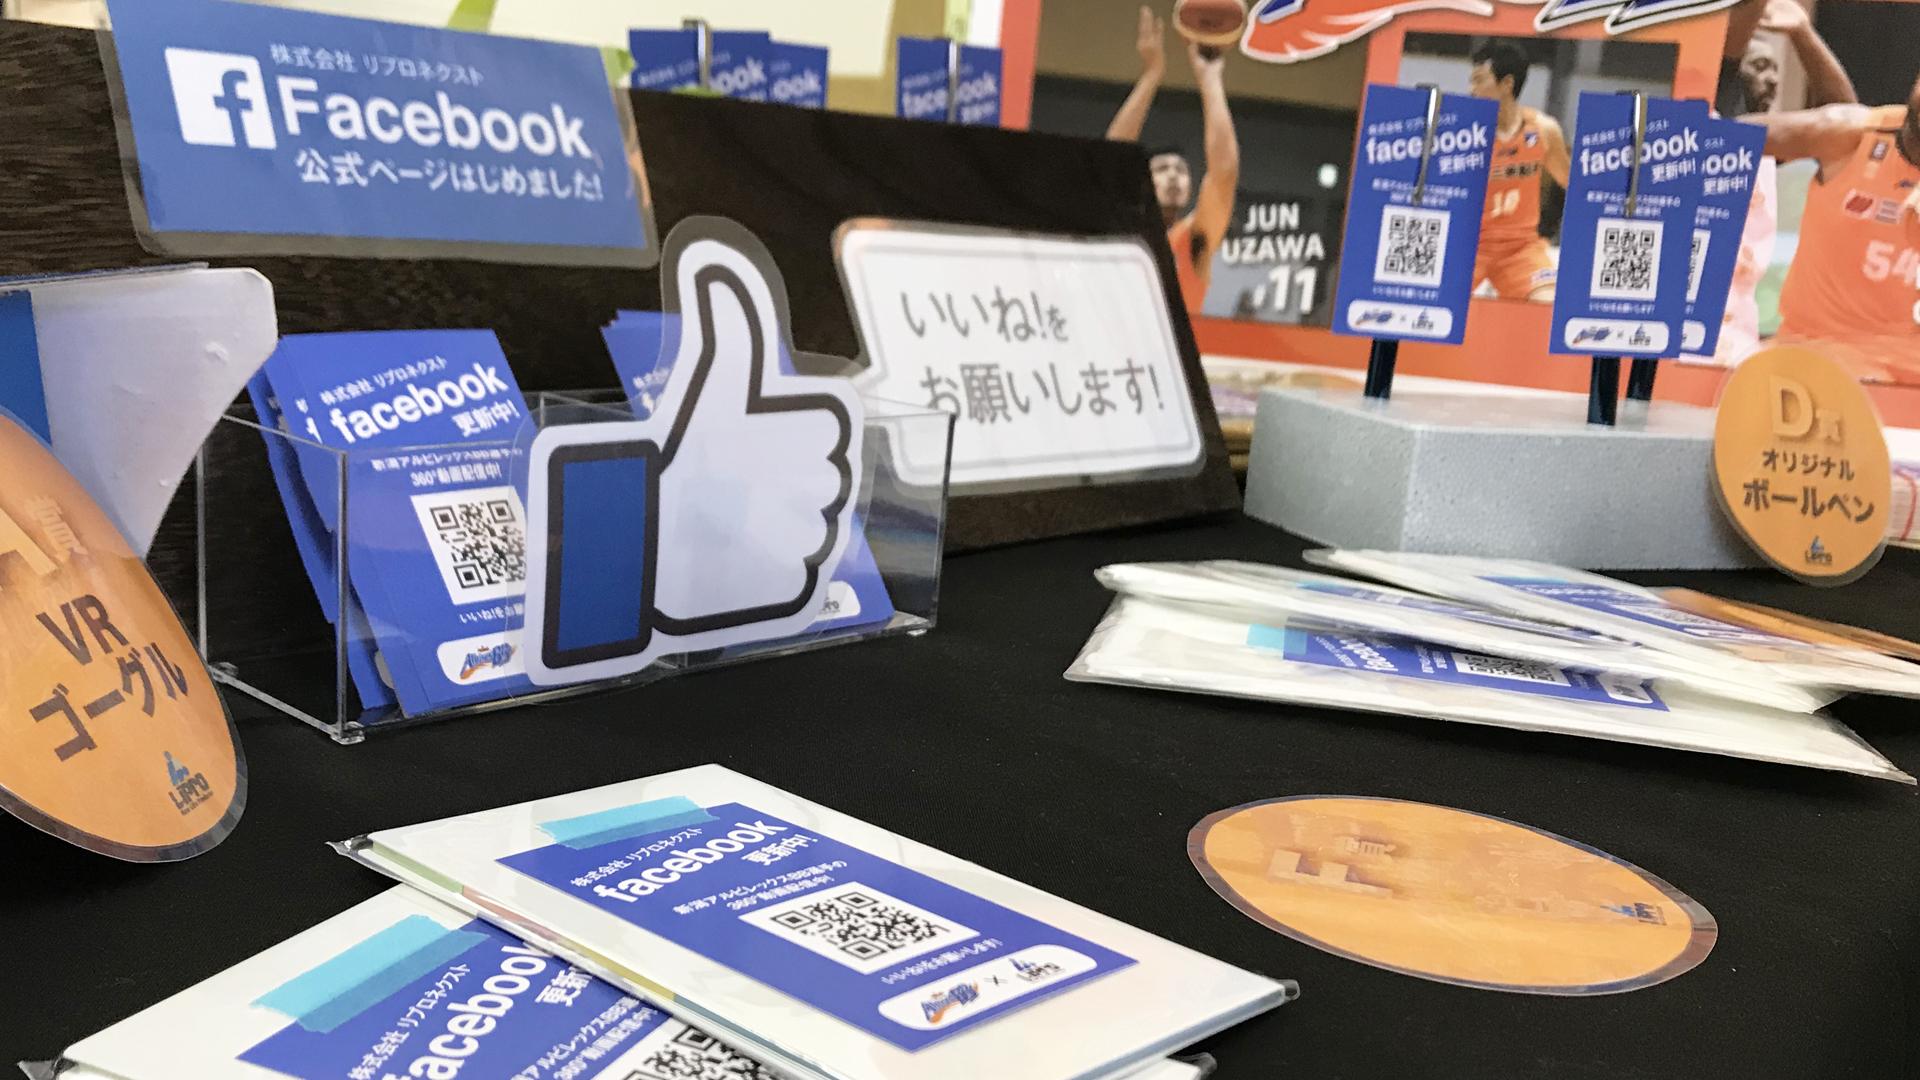 Facebookいいね!カード